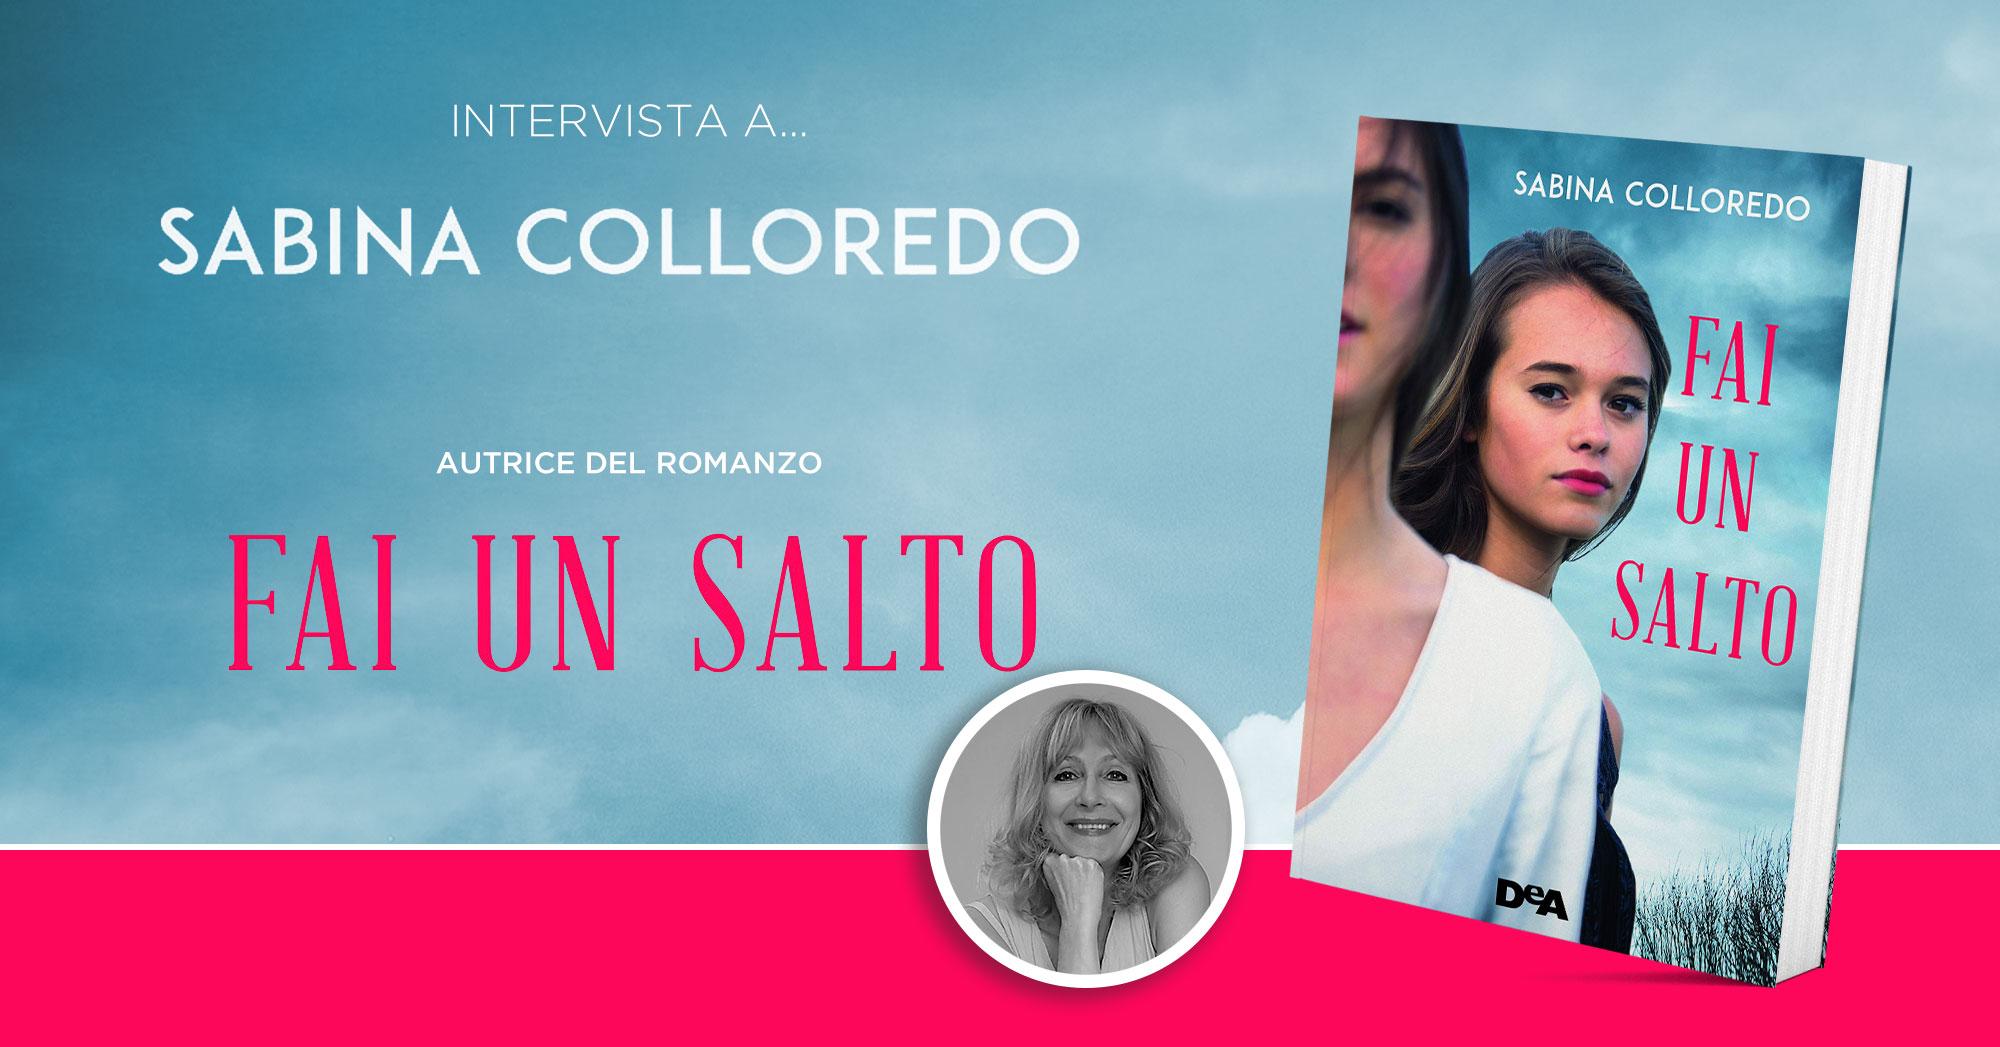 Intervista a Sabina Colloredo